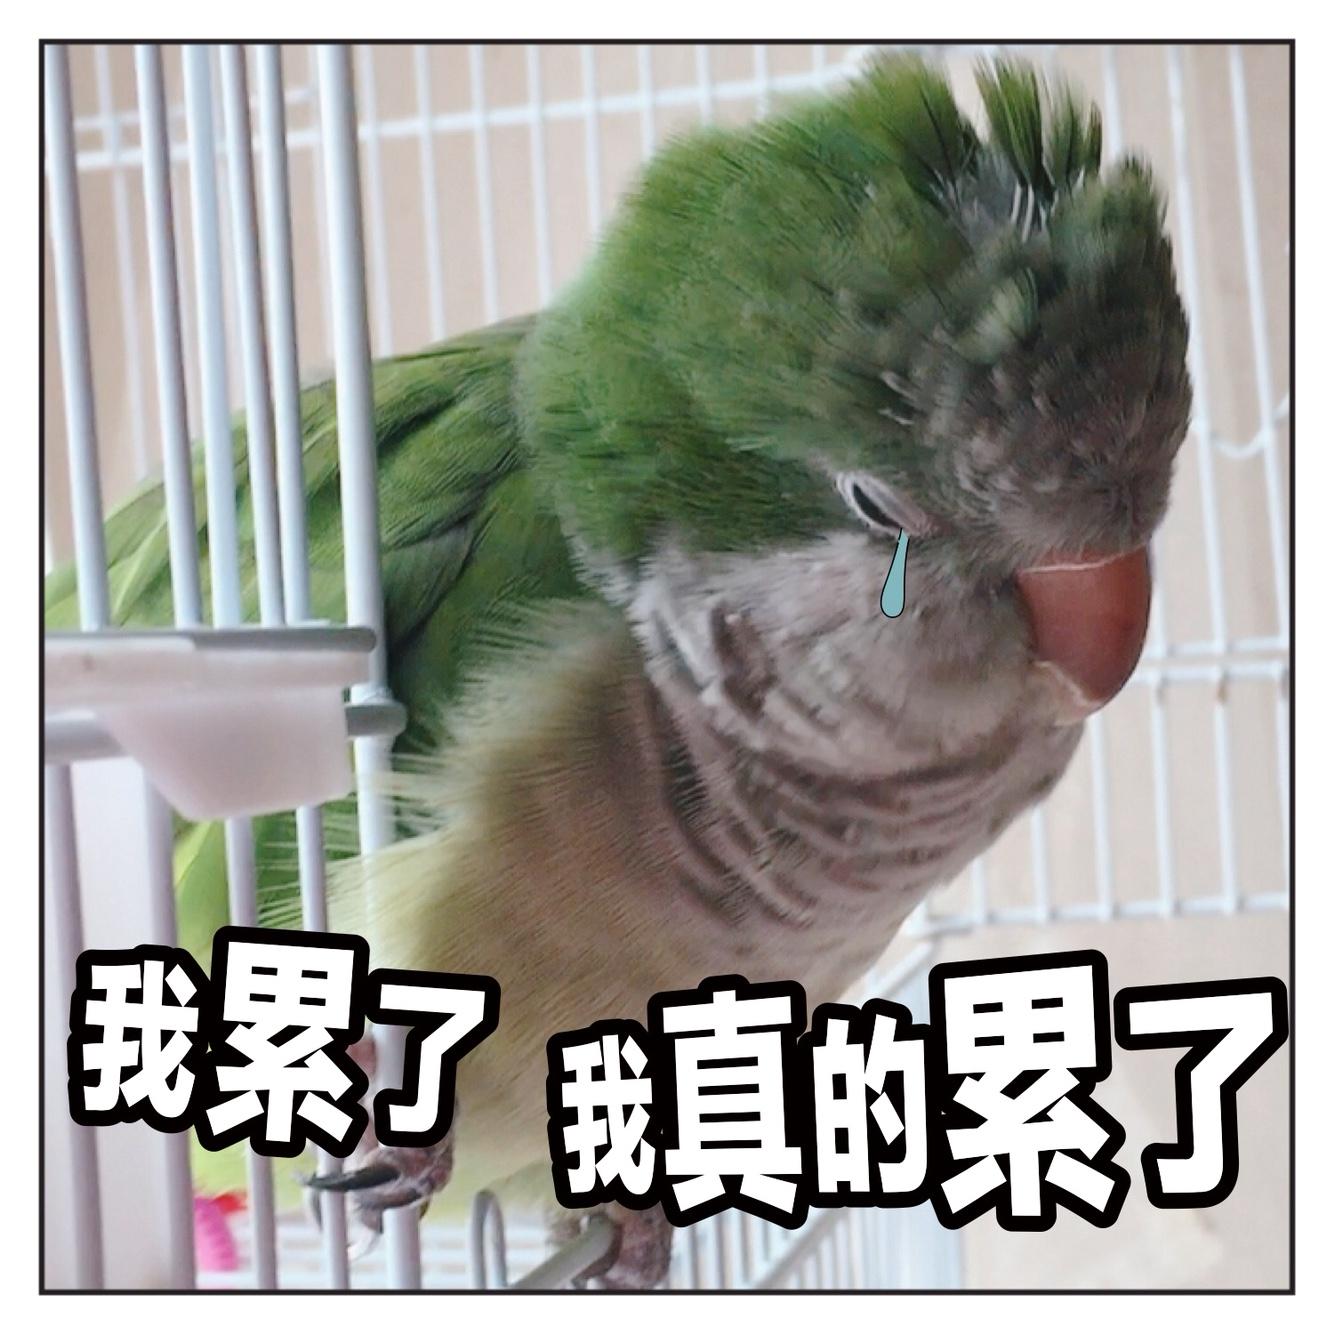 揪是这只鸟——沙雕鹦鹉表情包6图片